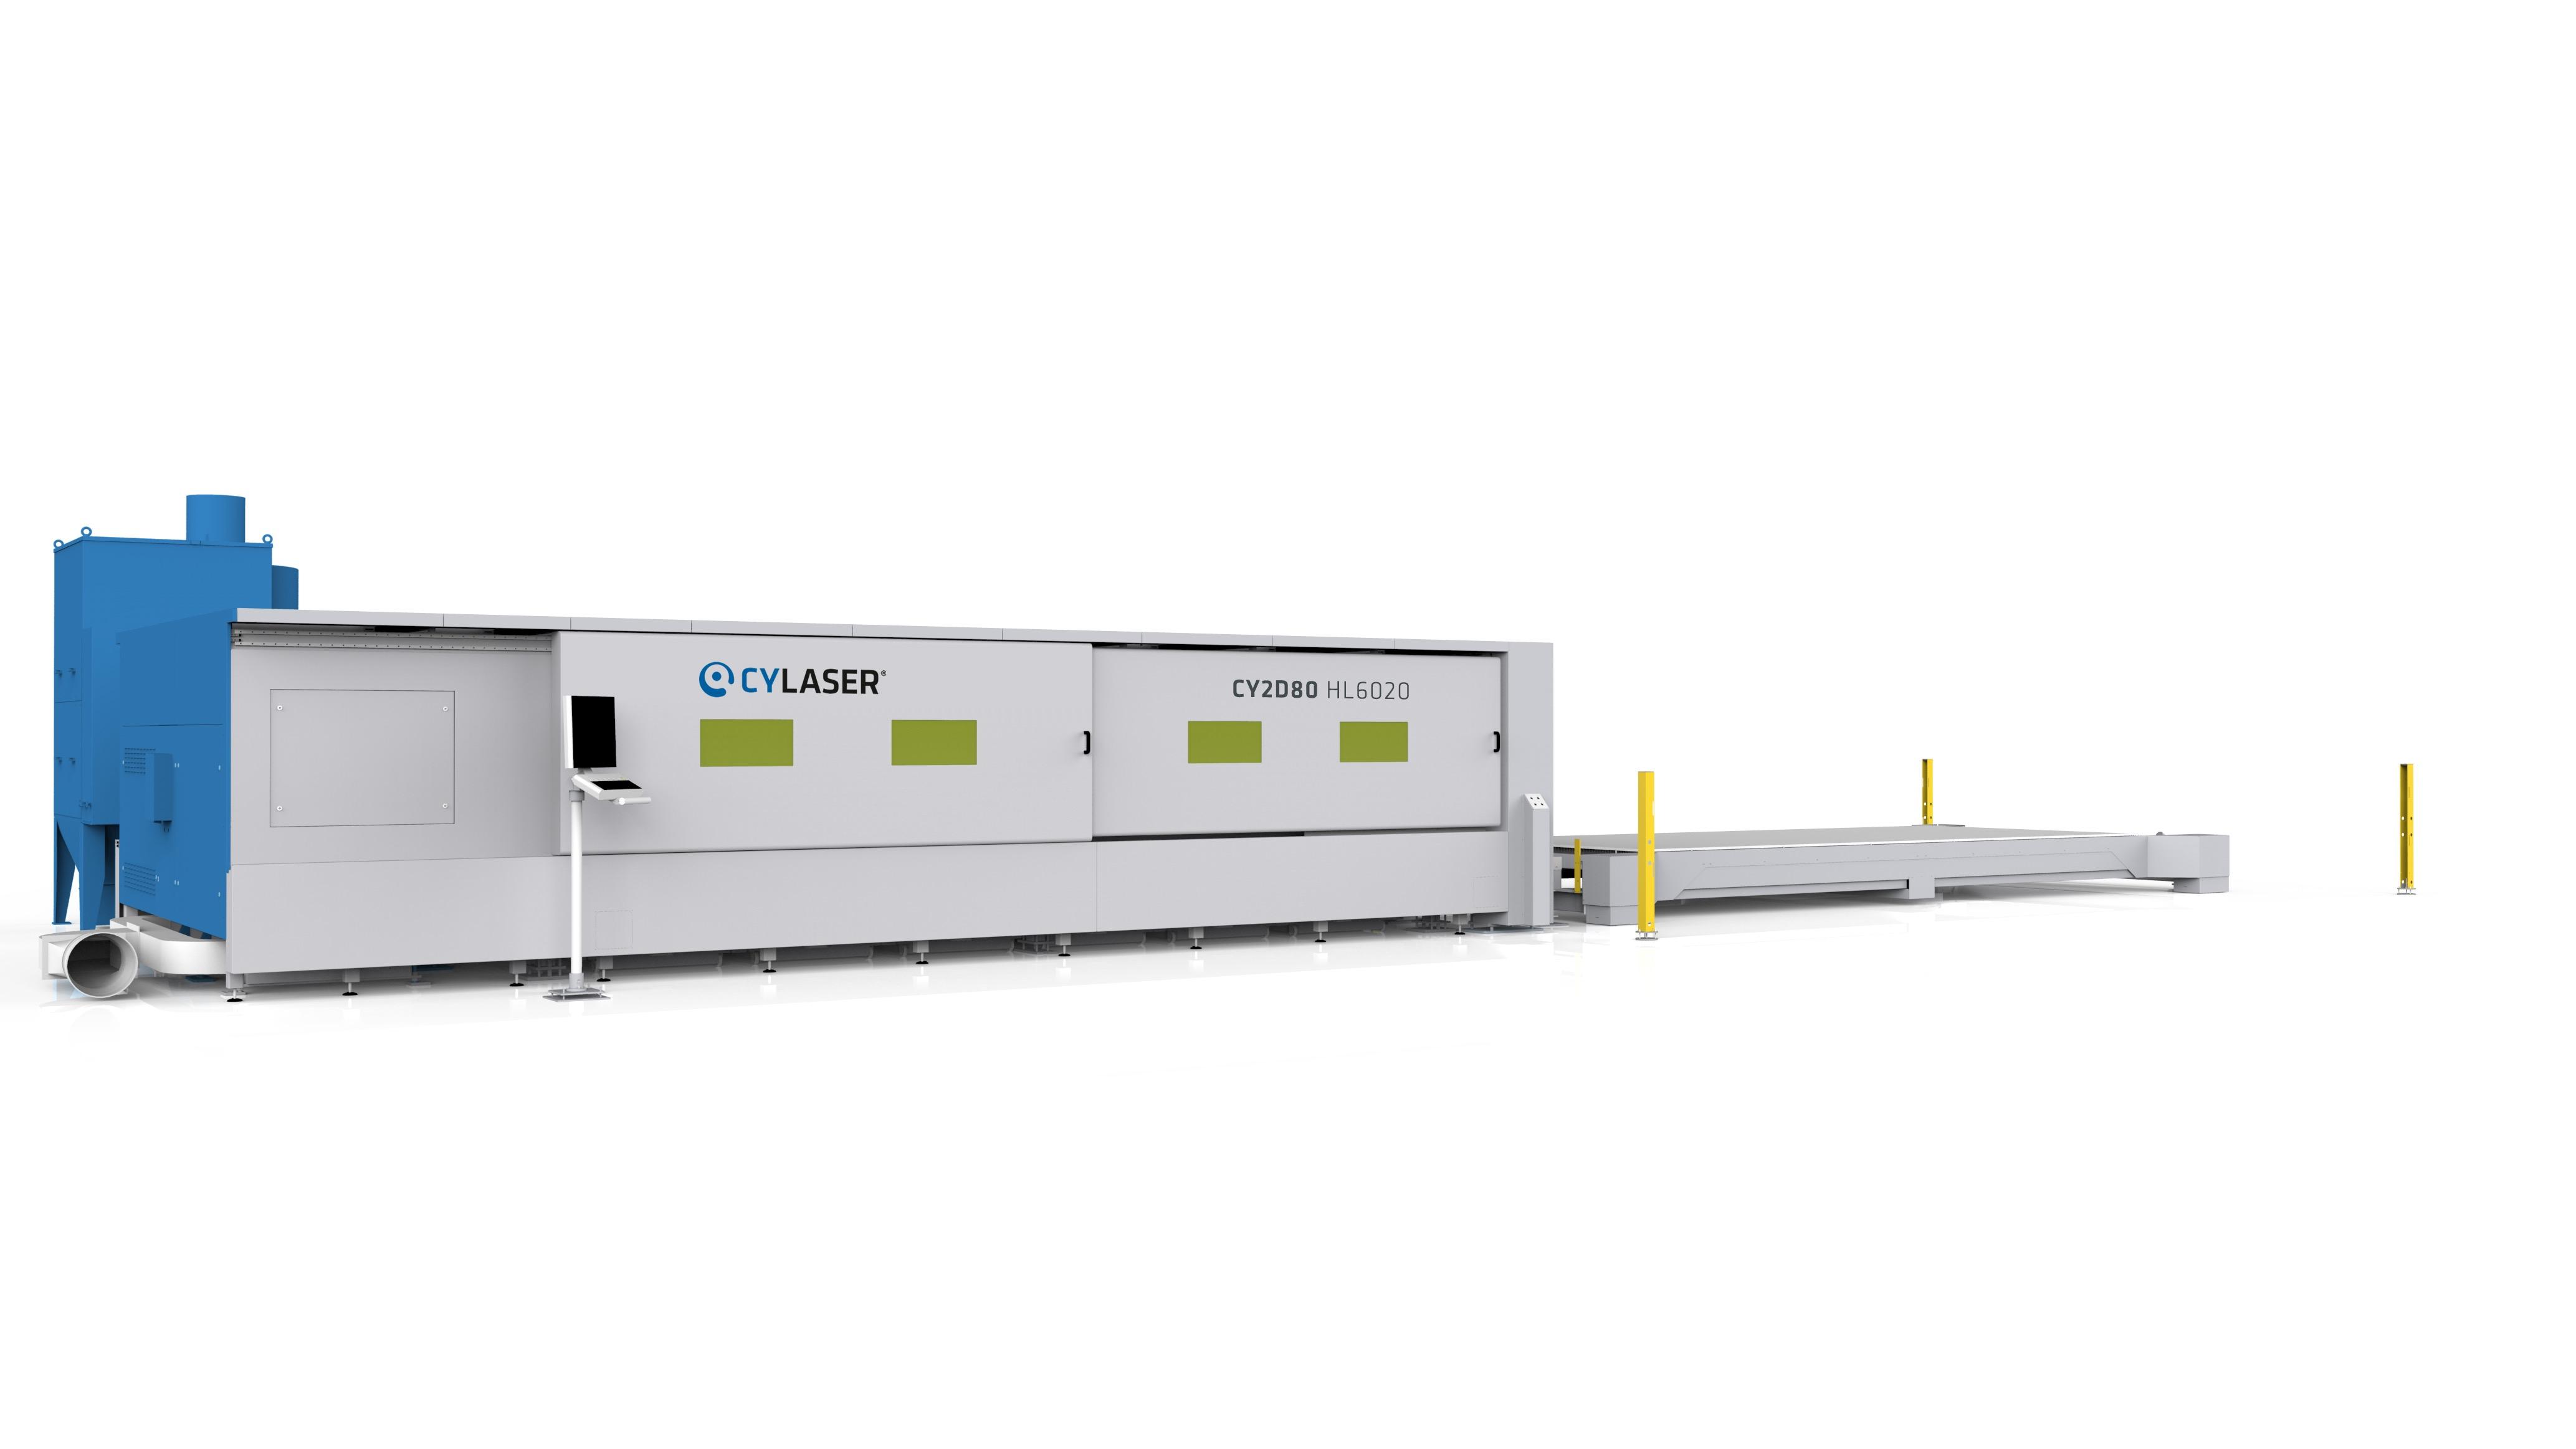 CYLASER CY2D HL6020